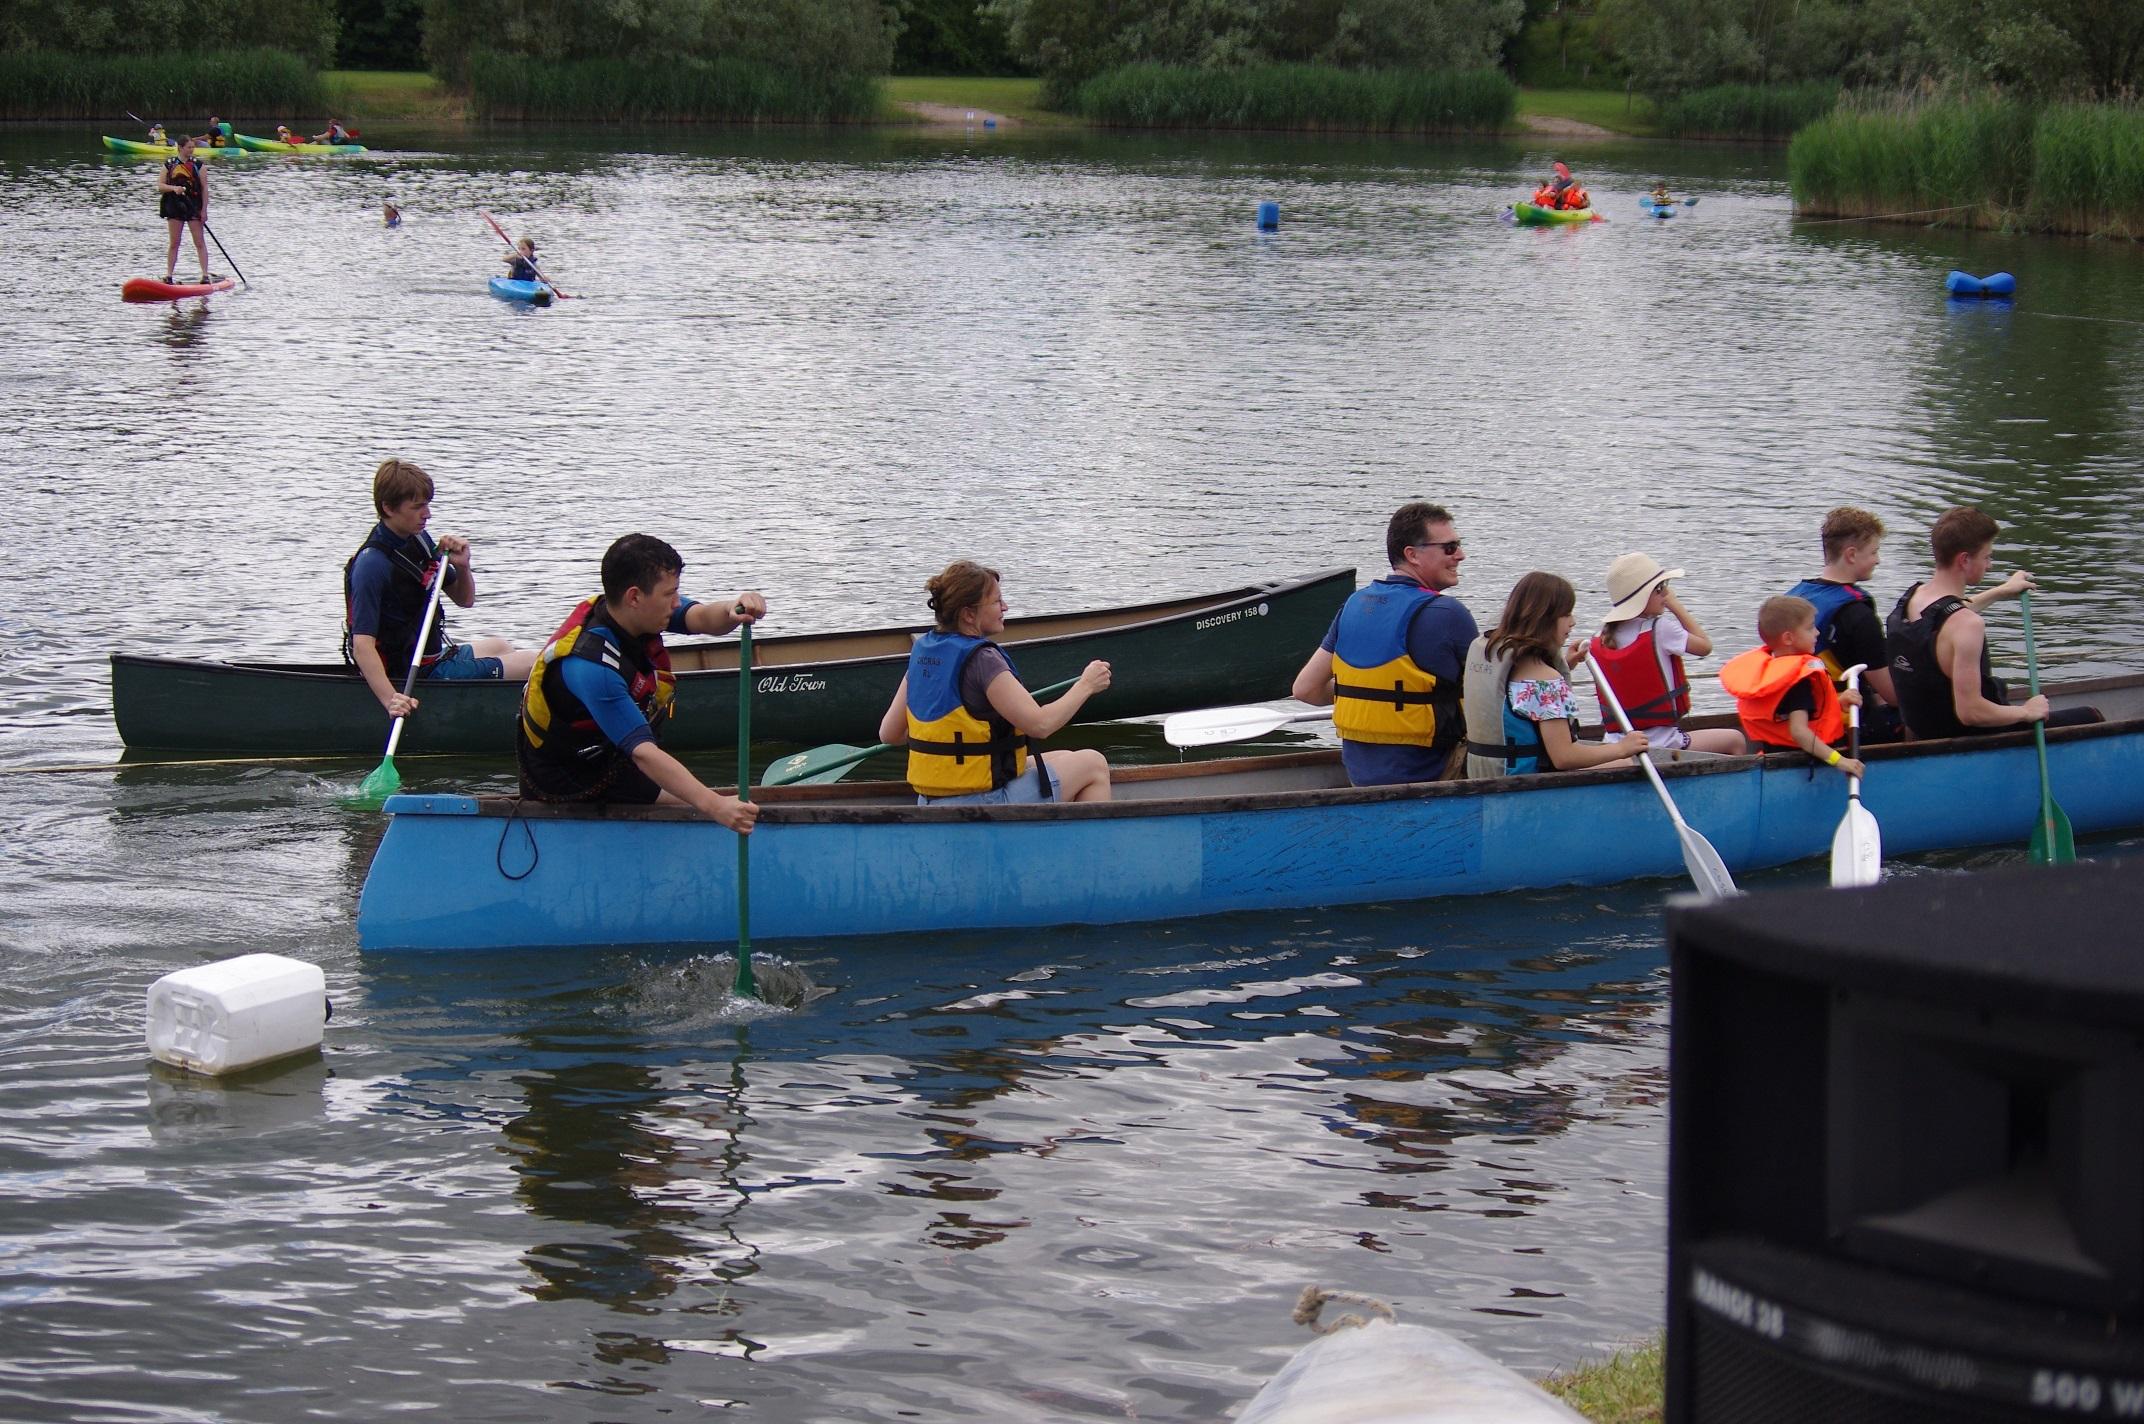 portes ouvertes au CKCRAS, club de canoë-kayak et sports à la pagaie de Rosières-aux-Salines